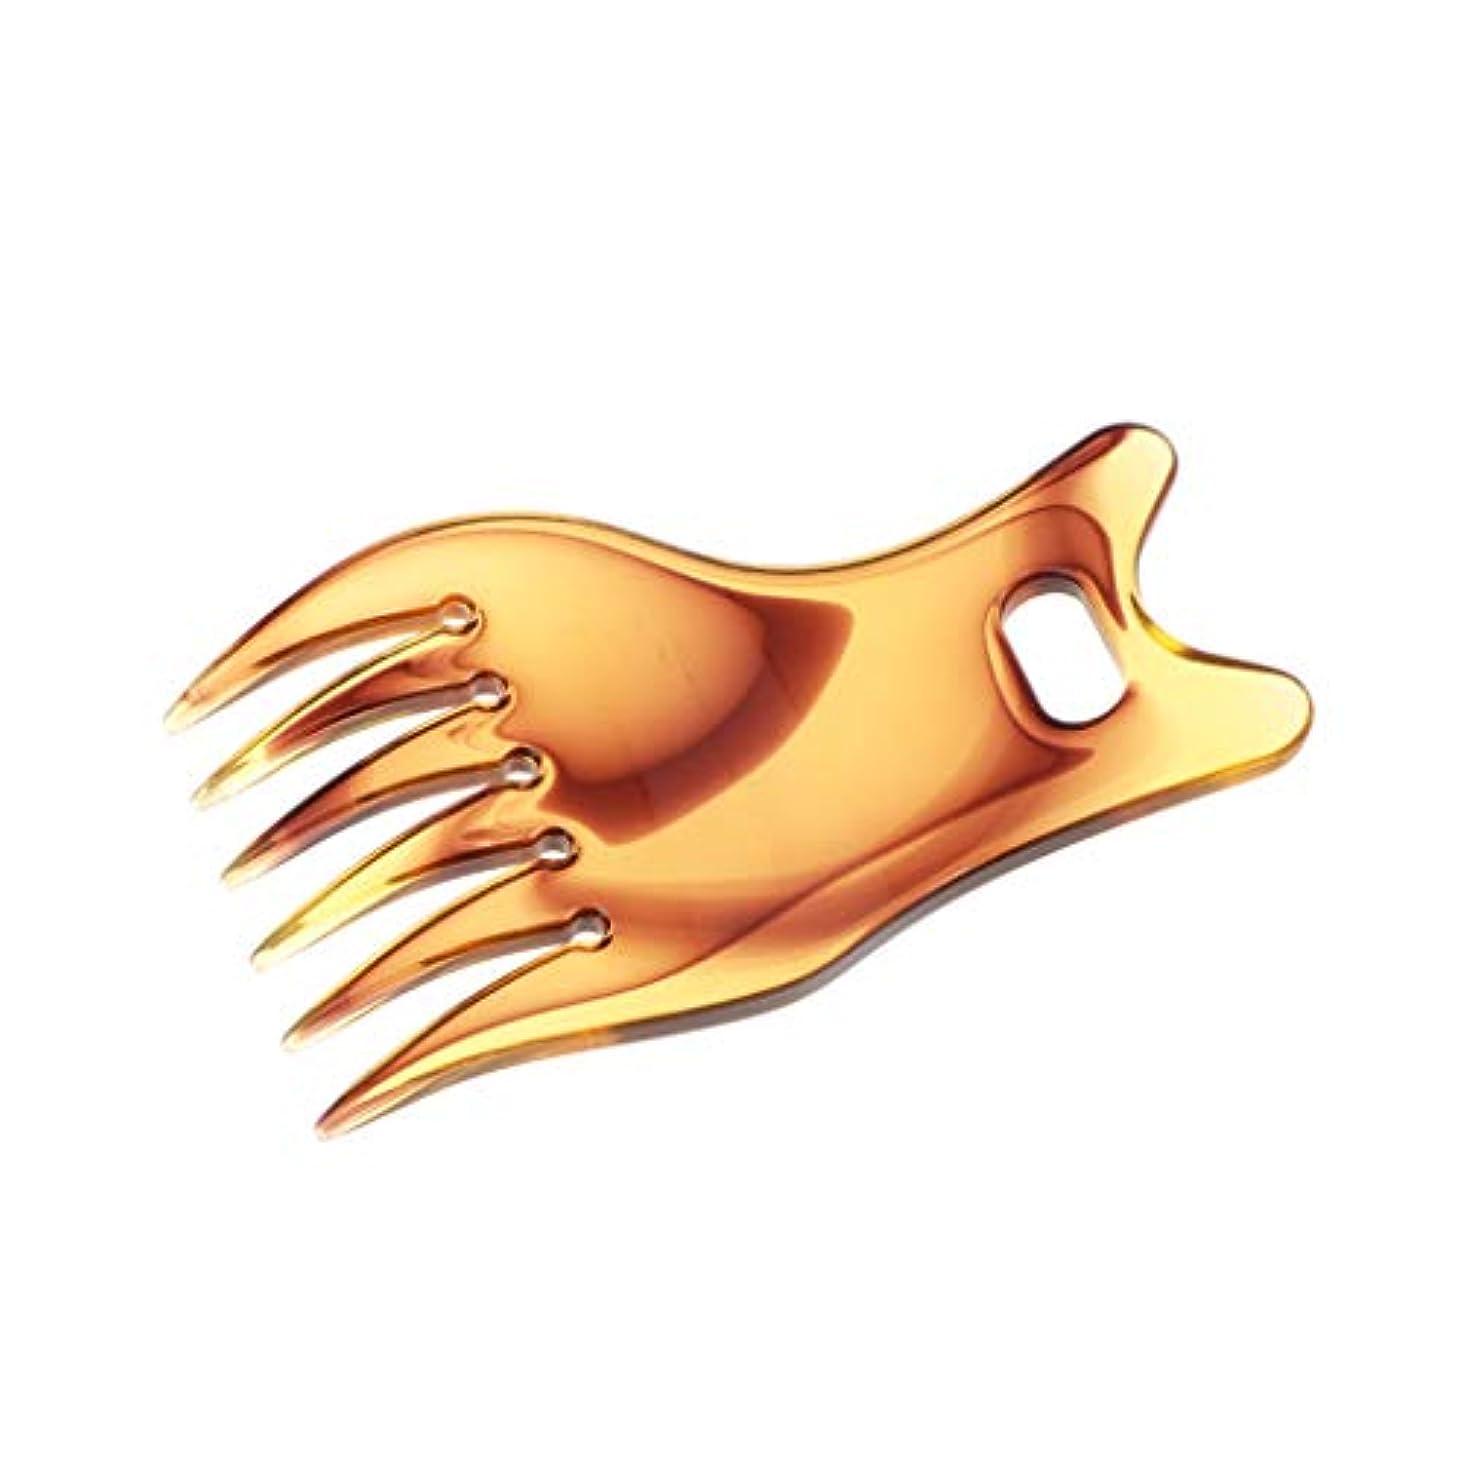 混沌前部パーセントT TOOYFUL ヘアコーム ピックコーム 広い歯 サロン 理容 染料 理髪 ヘアスタイリング 帯電防止 耐熱性 - 褐色